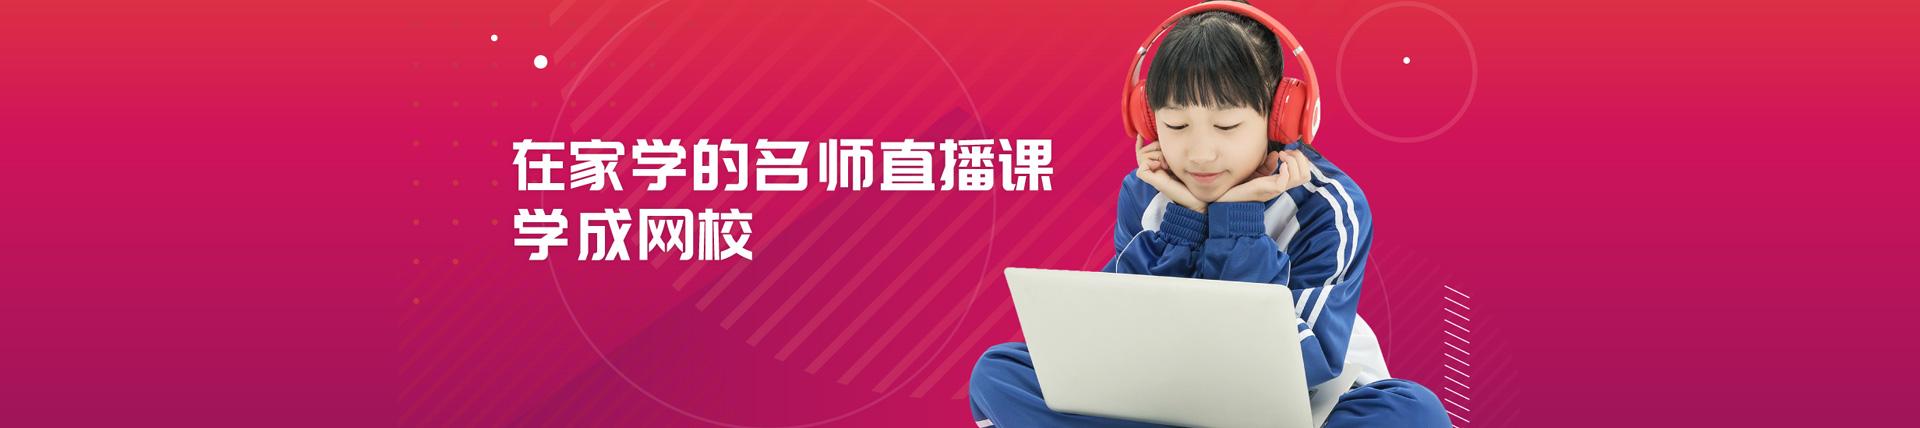 """被攜程""""舍棄""""?極品二聲.com被新終端啟用!"""